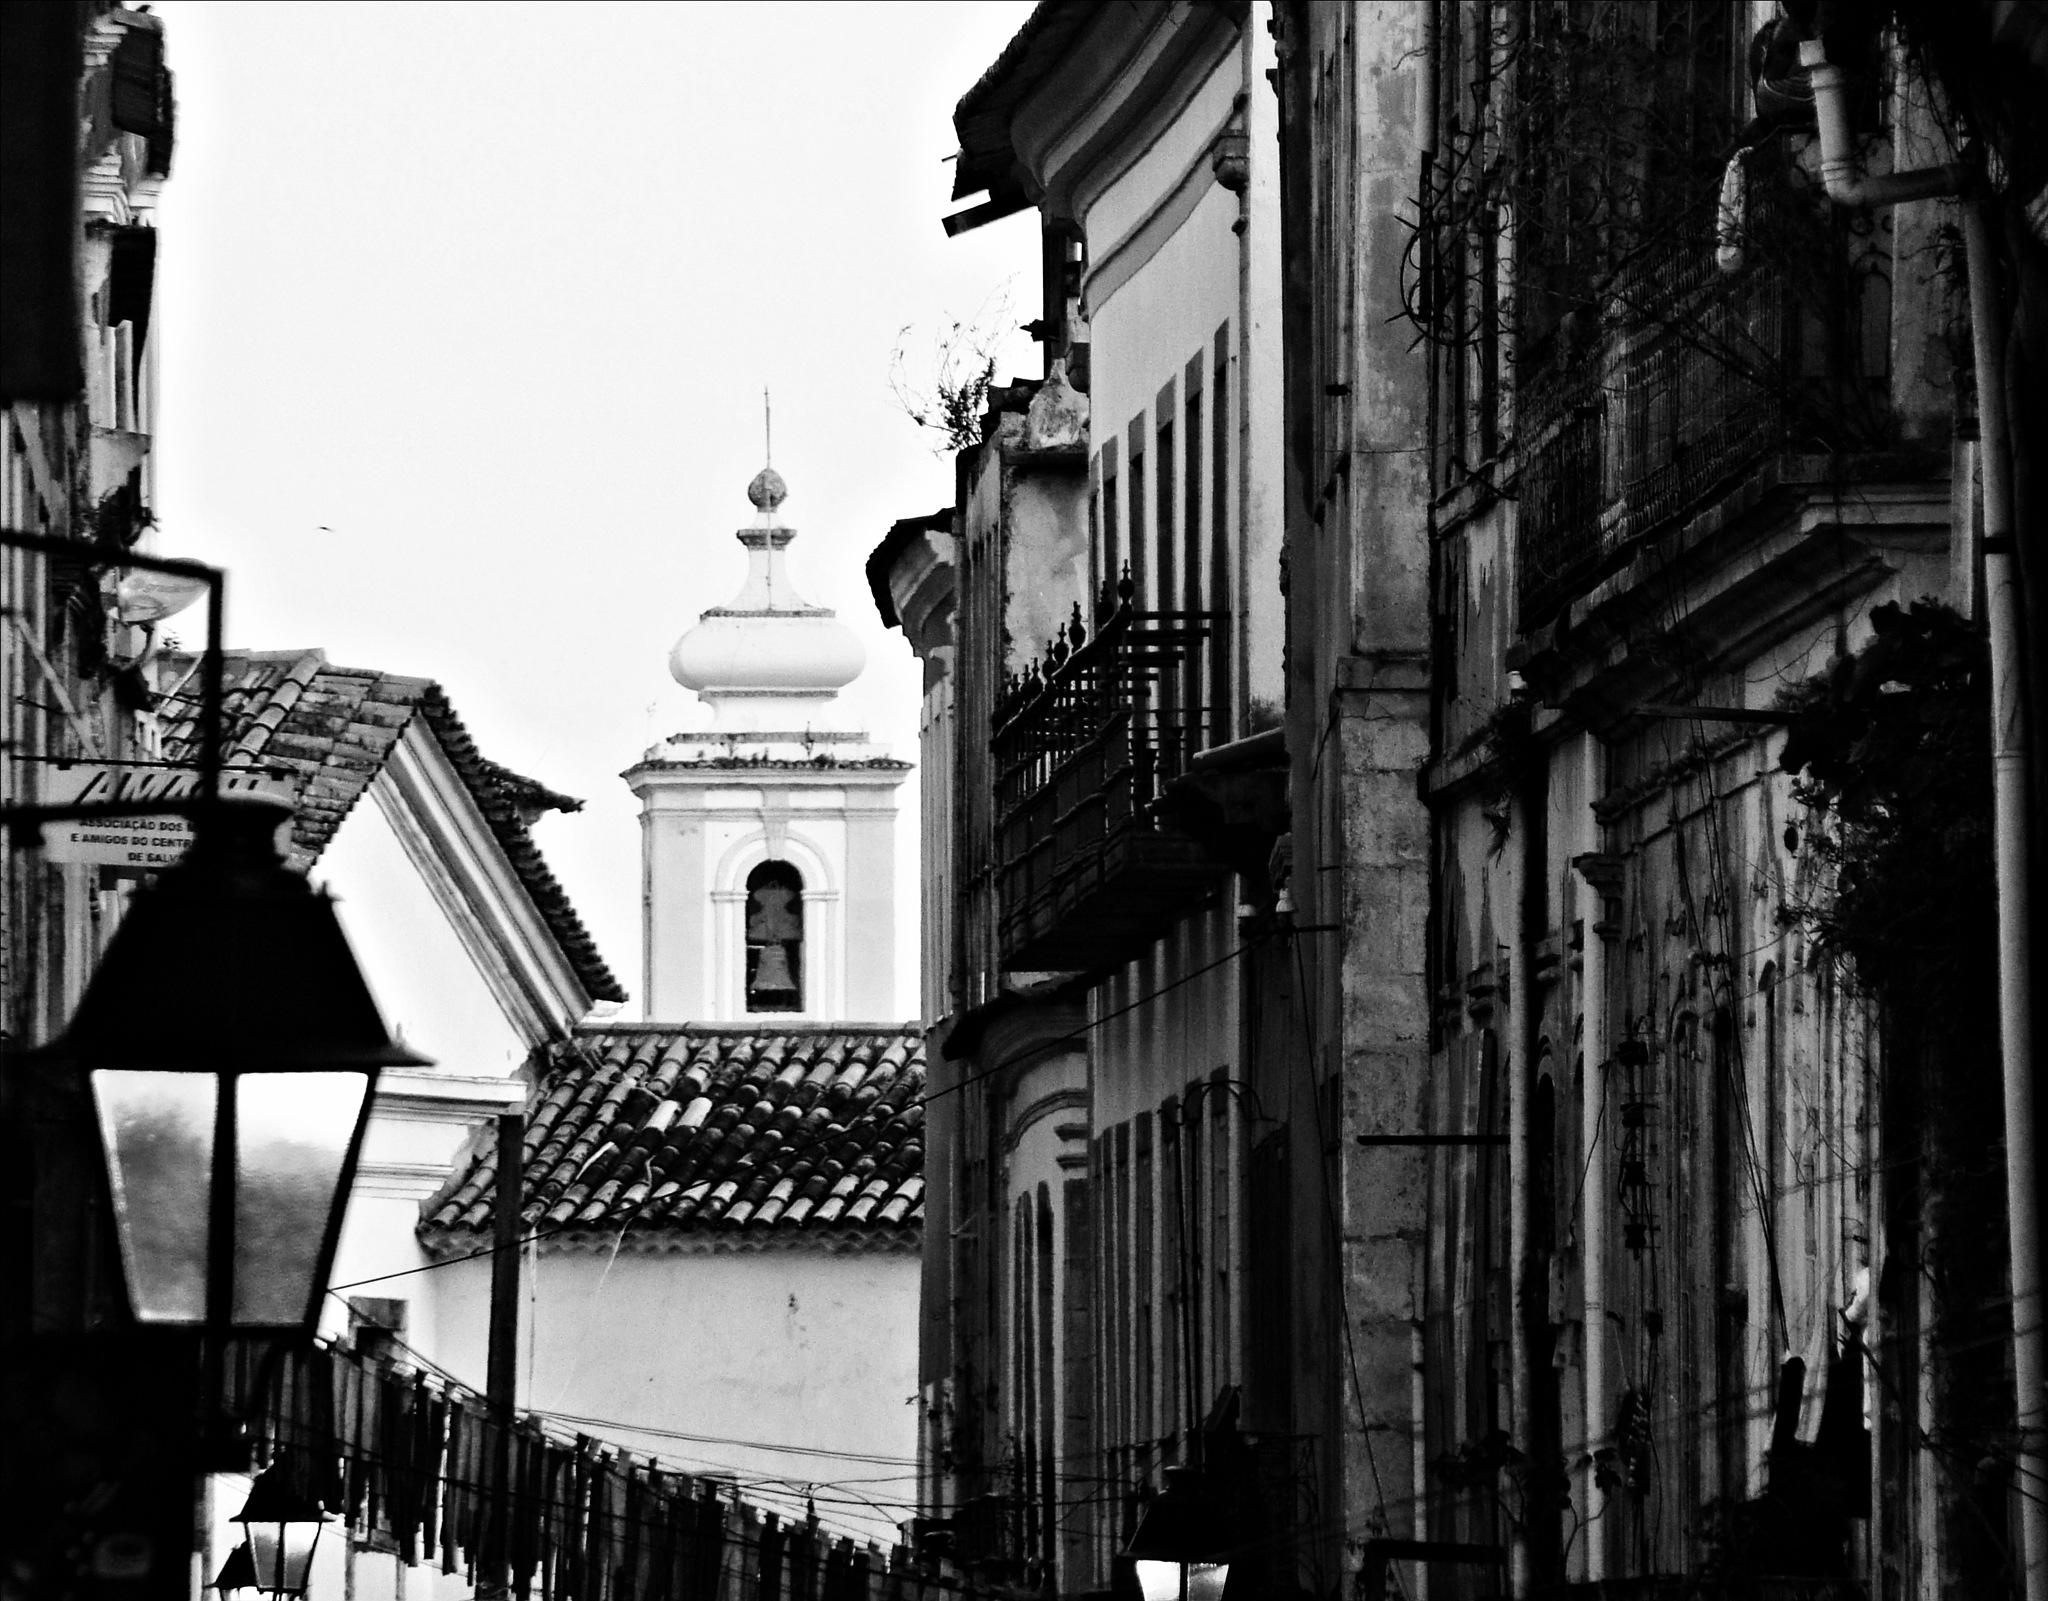 corredor de pardieiros com torre de igreja ao fundo by Fred Matos